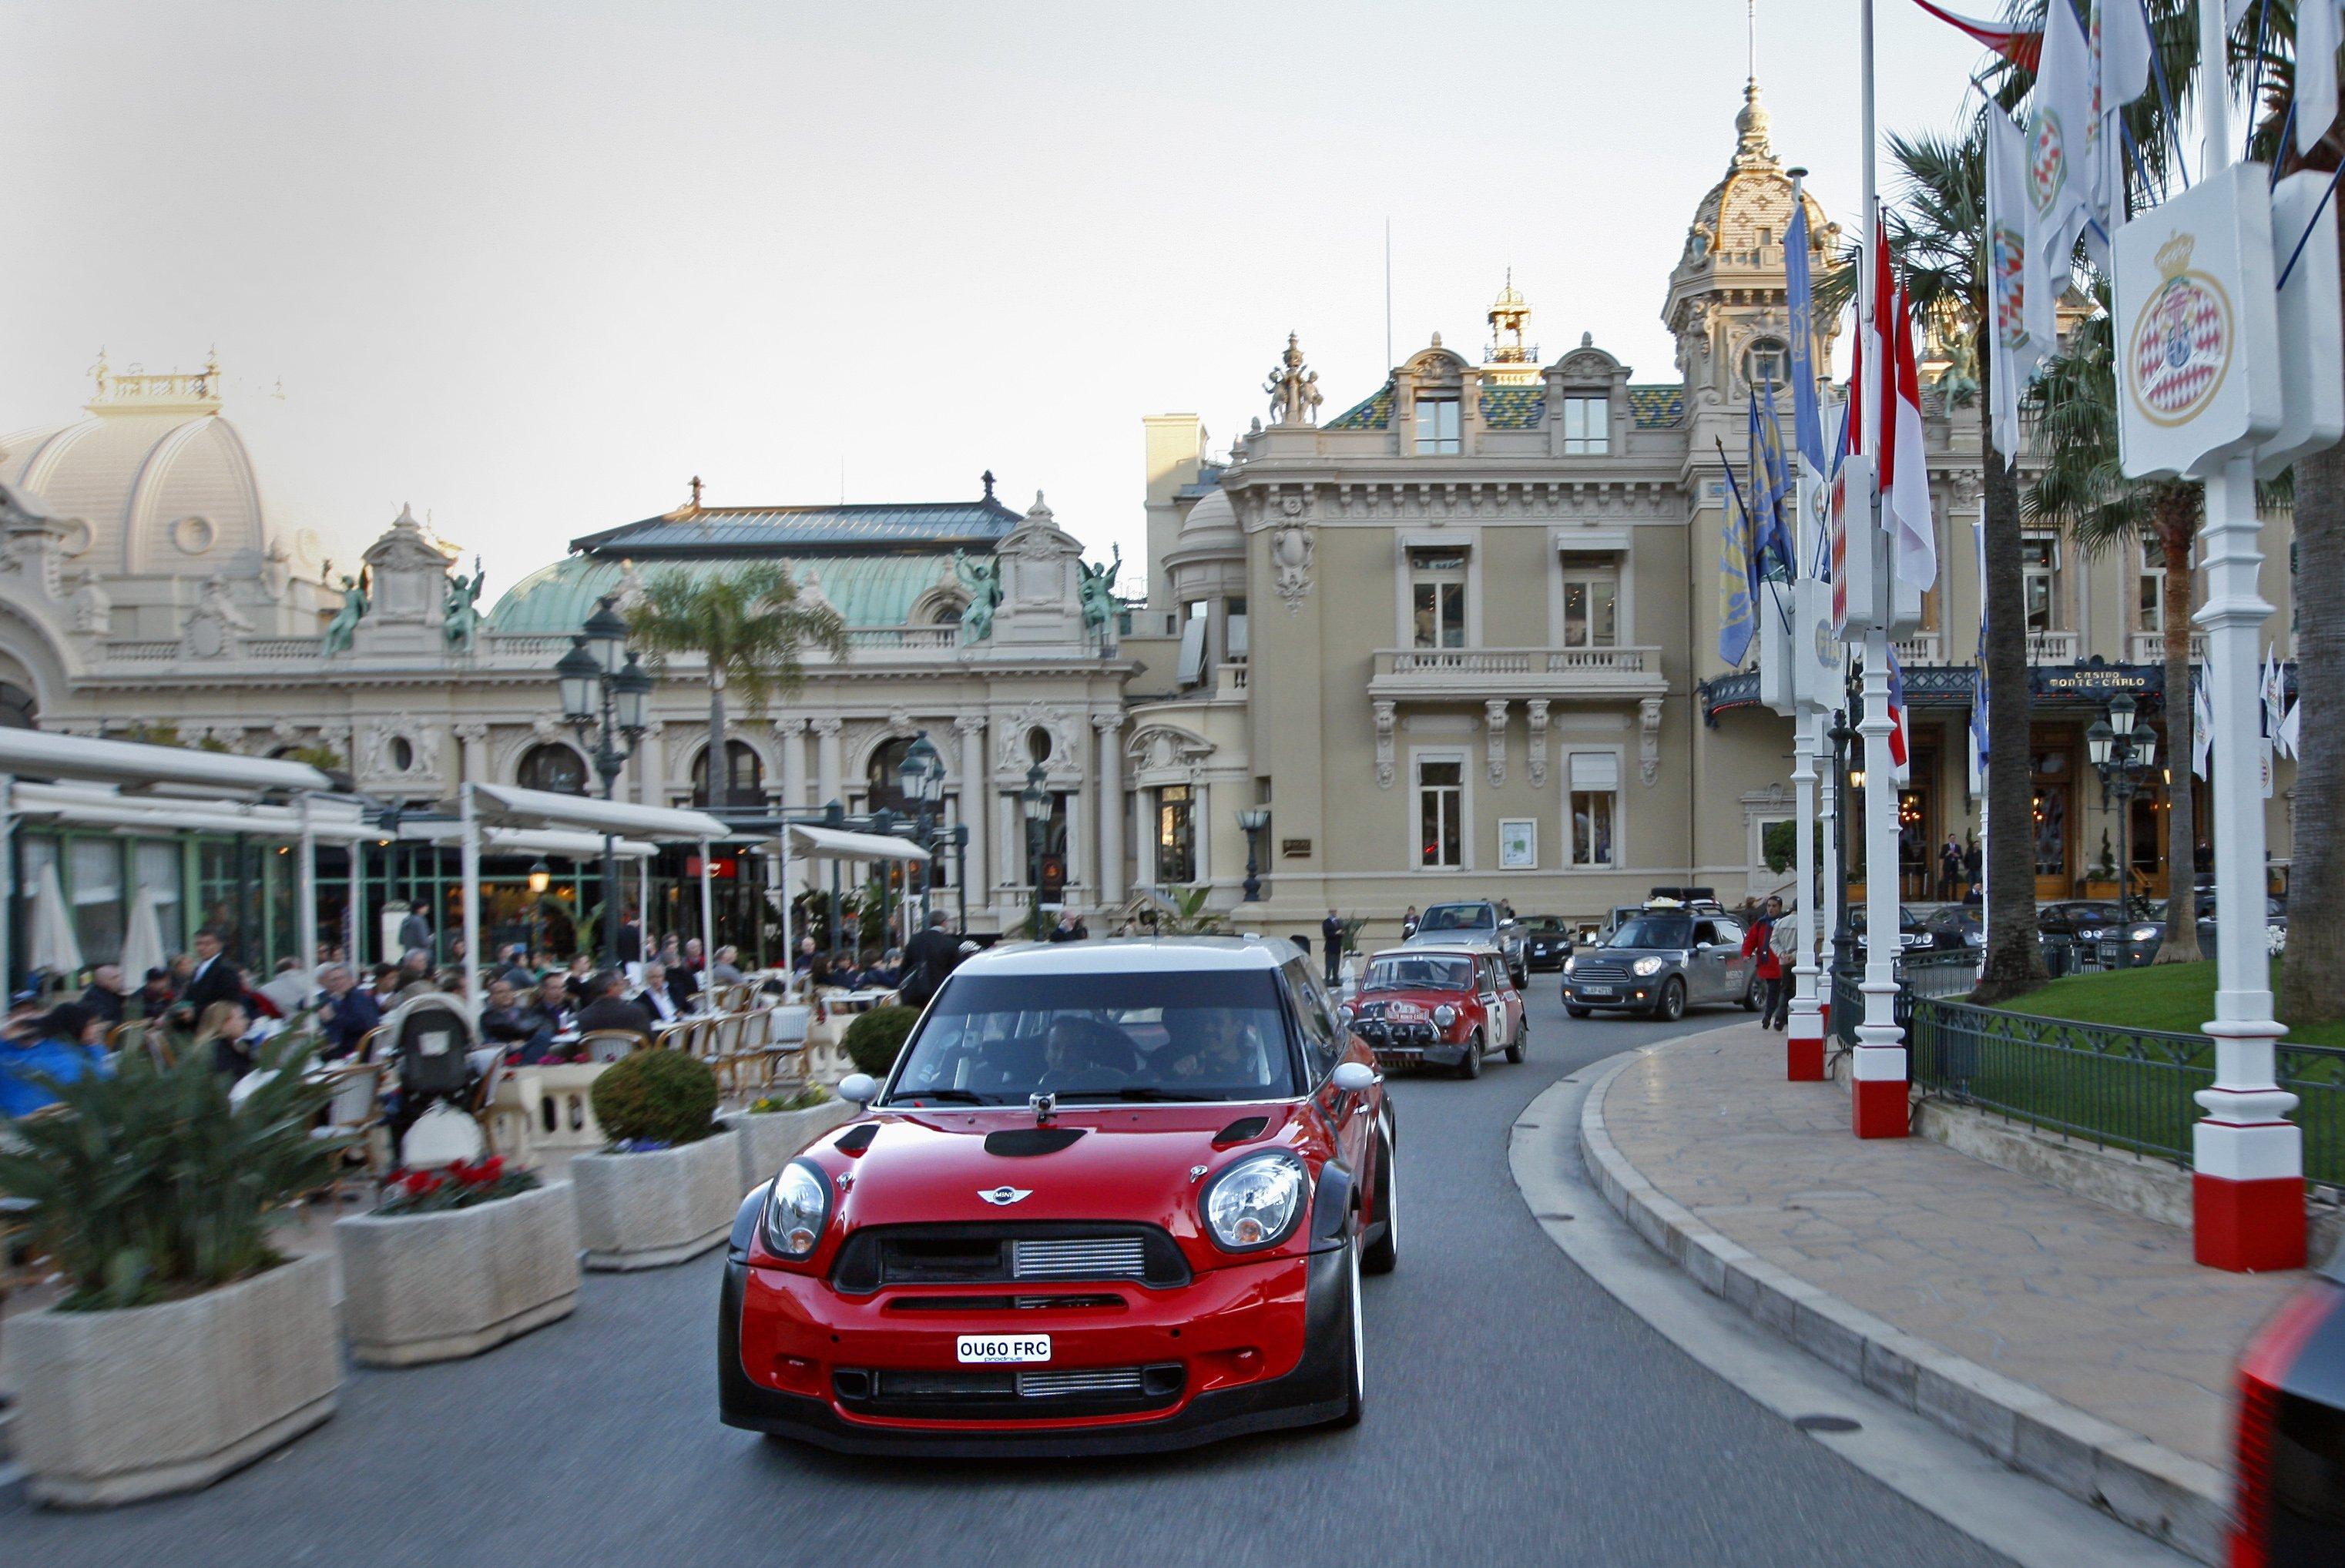 Monaco car passengers